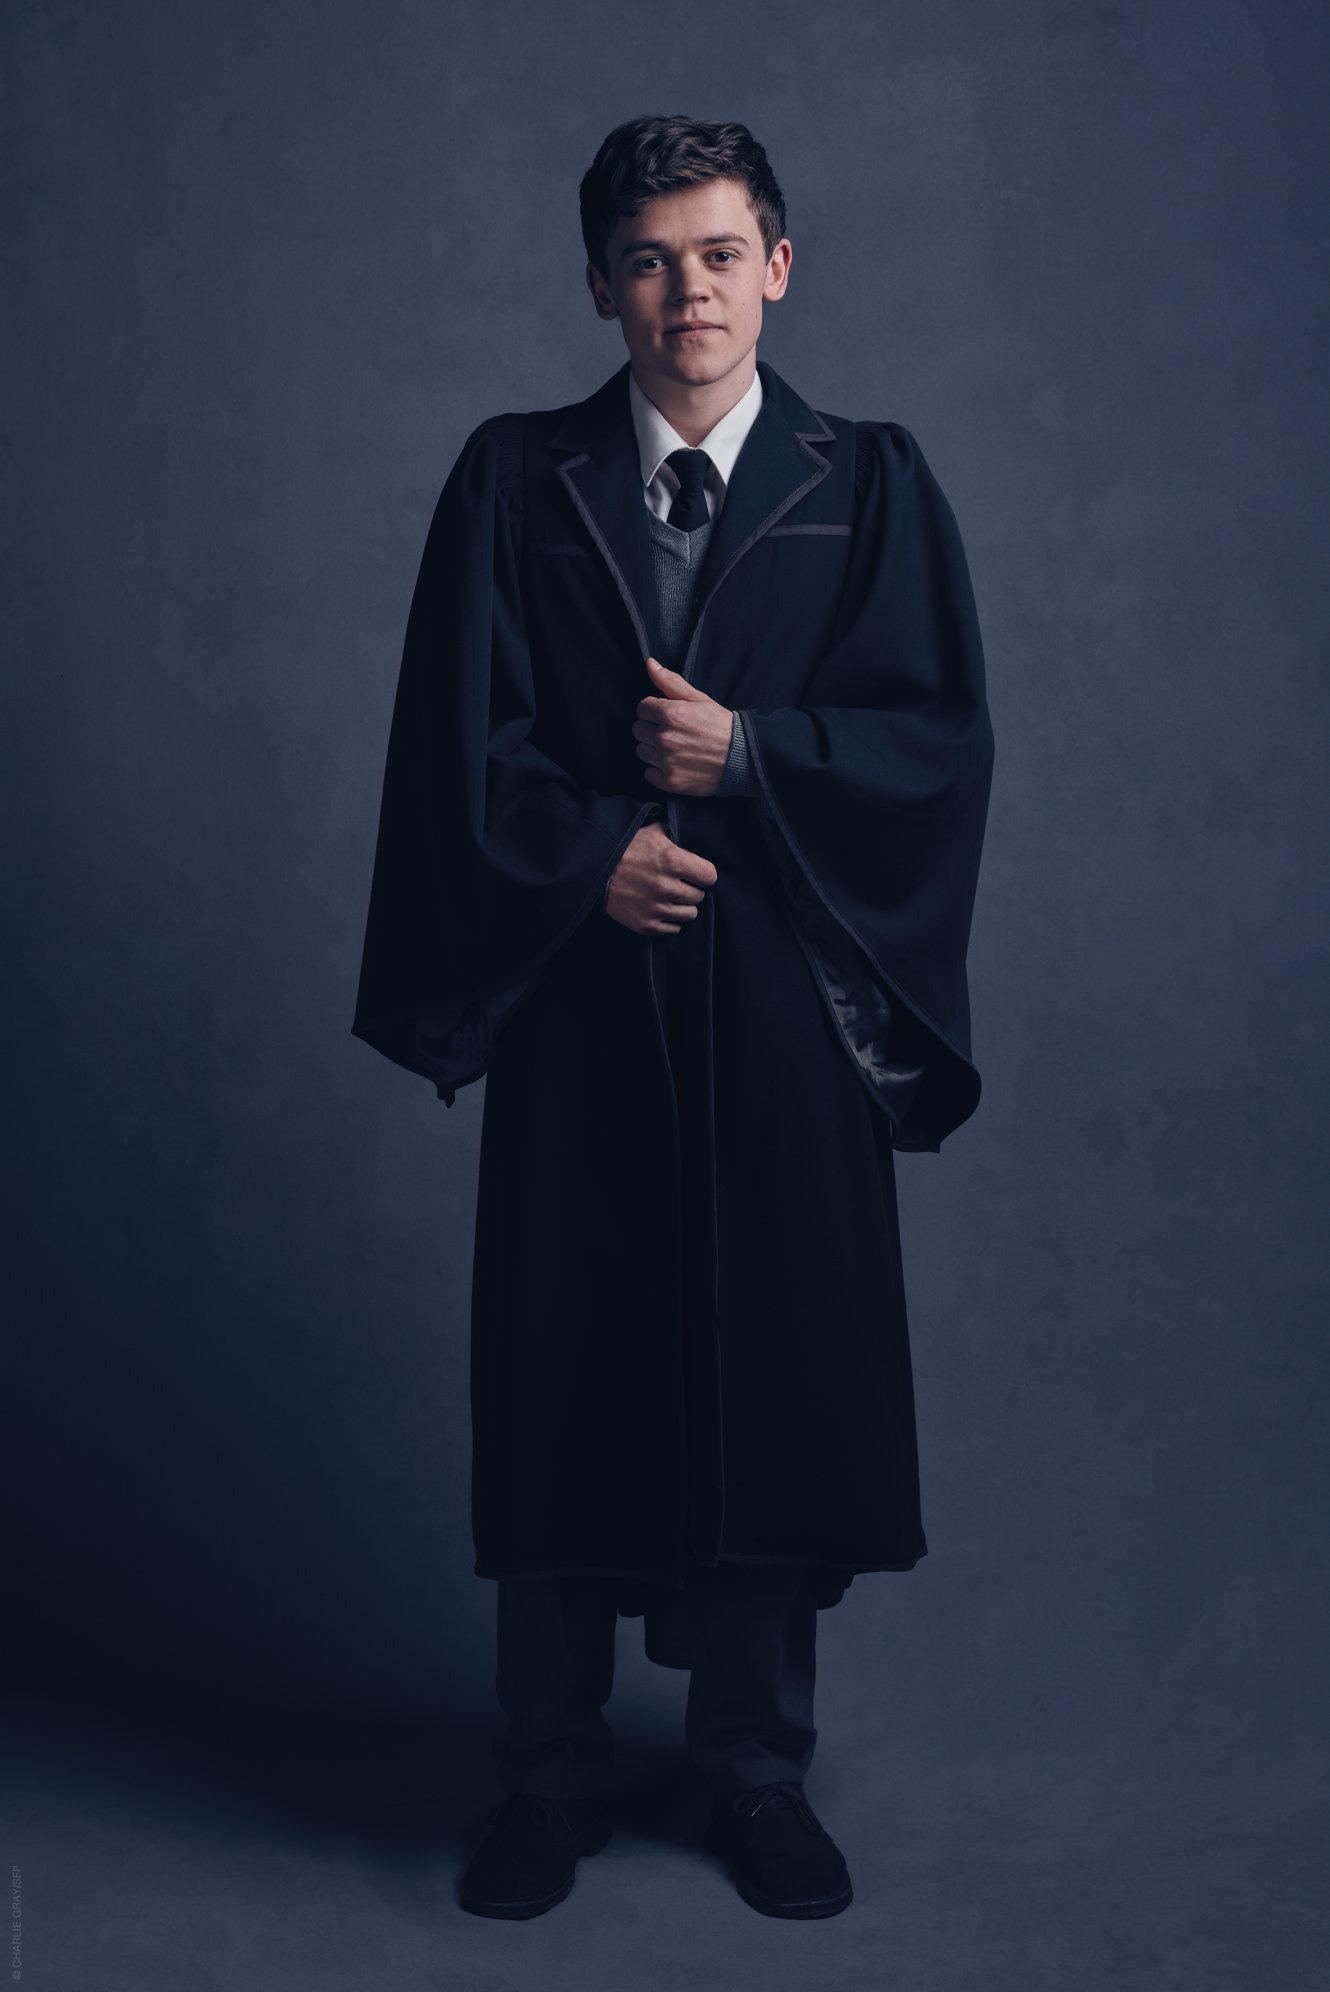 HPСС-Albus_Potter